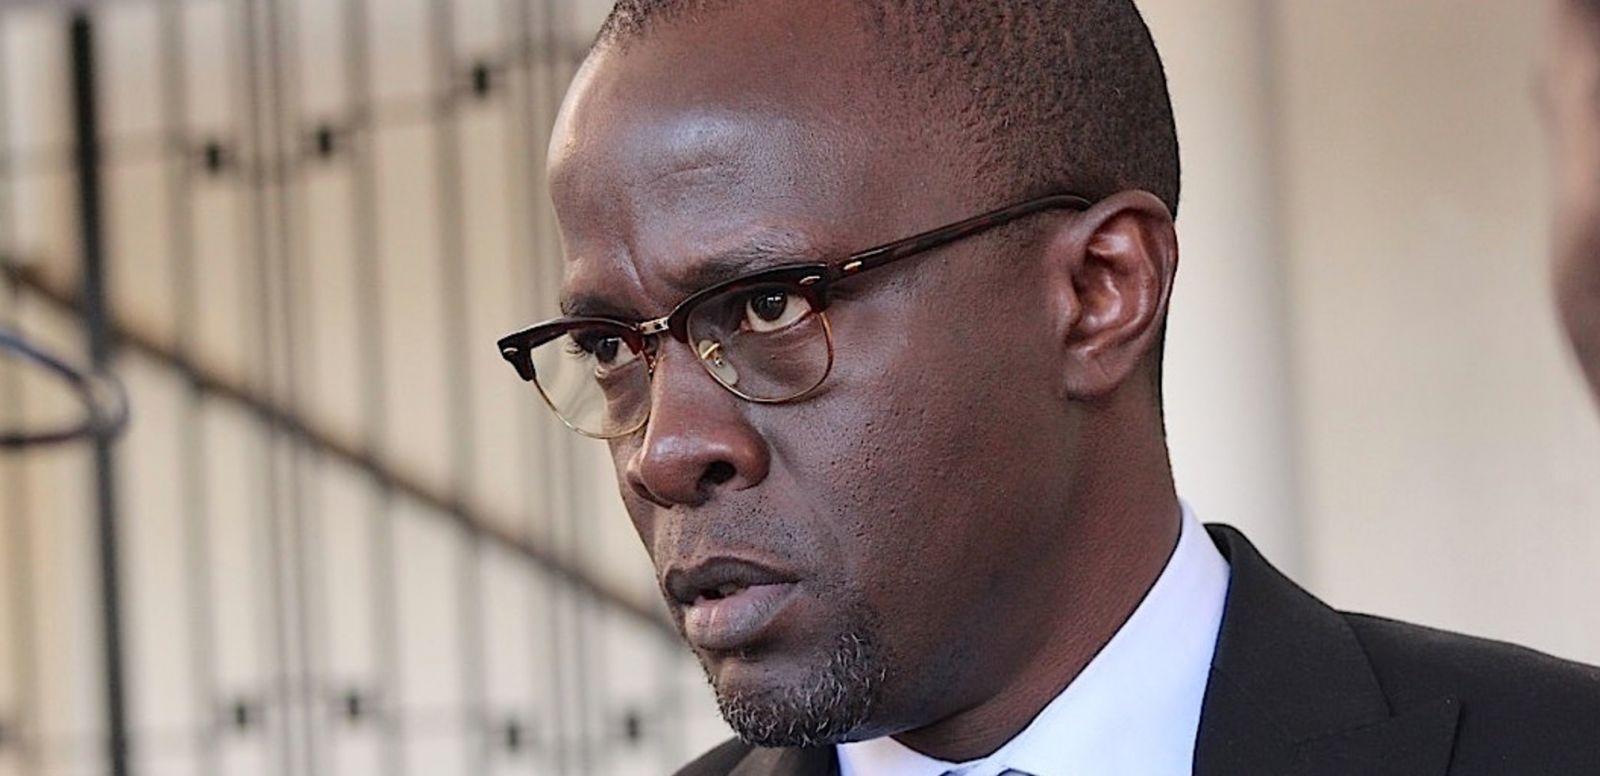 Réaction exclusive de Yakham Mbaye après avoir échappé à une attaque au couteau